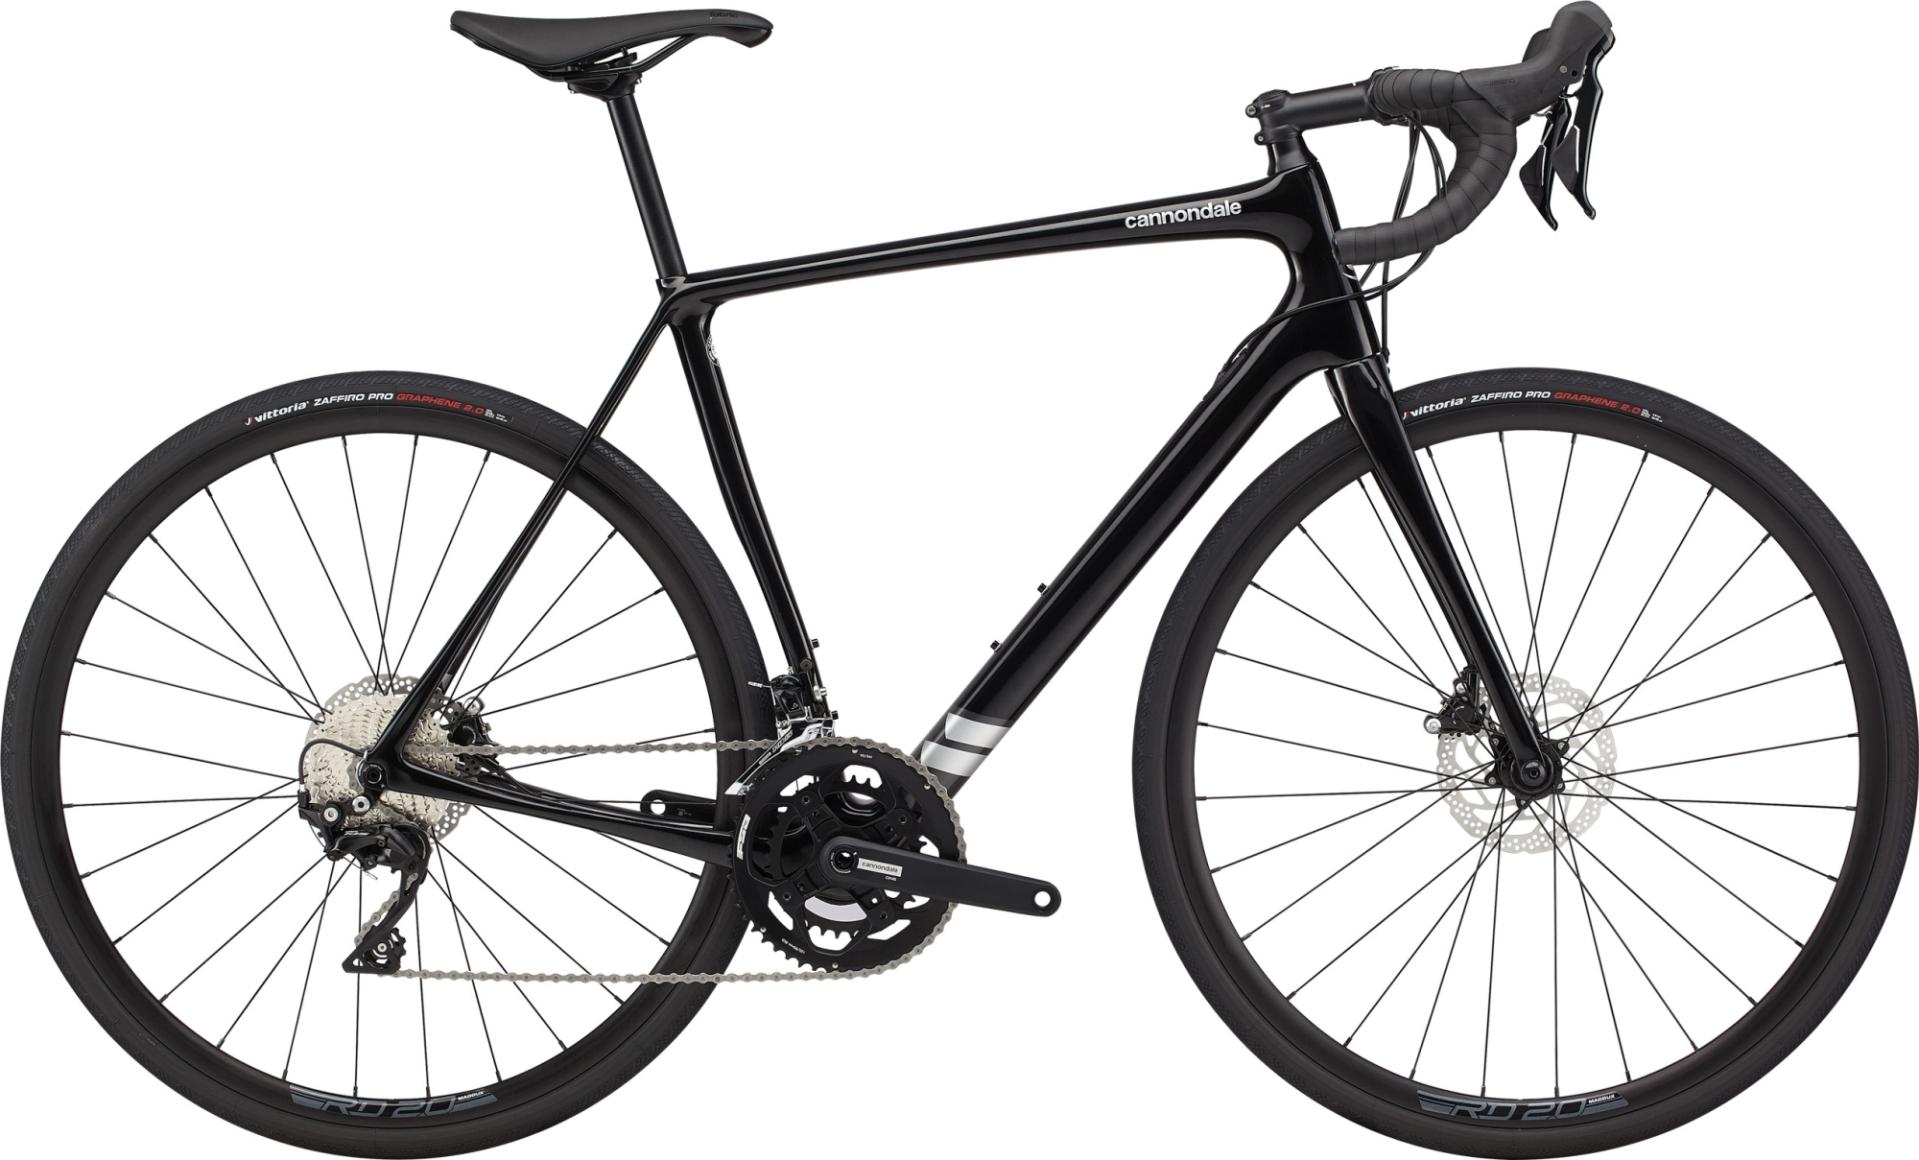 Cannondale Synapse Carbon 105 országúti kerékpár - fekete - 54 cm (2020)